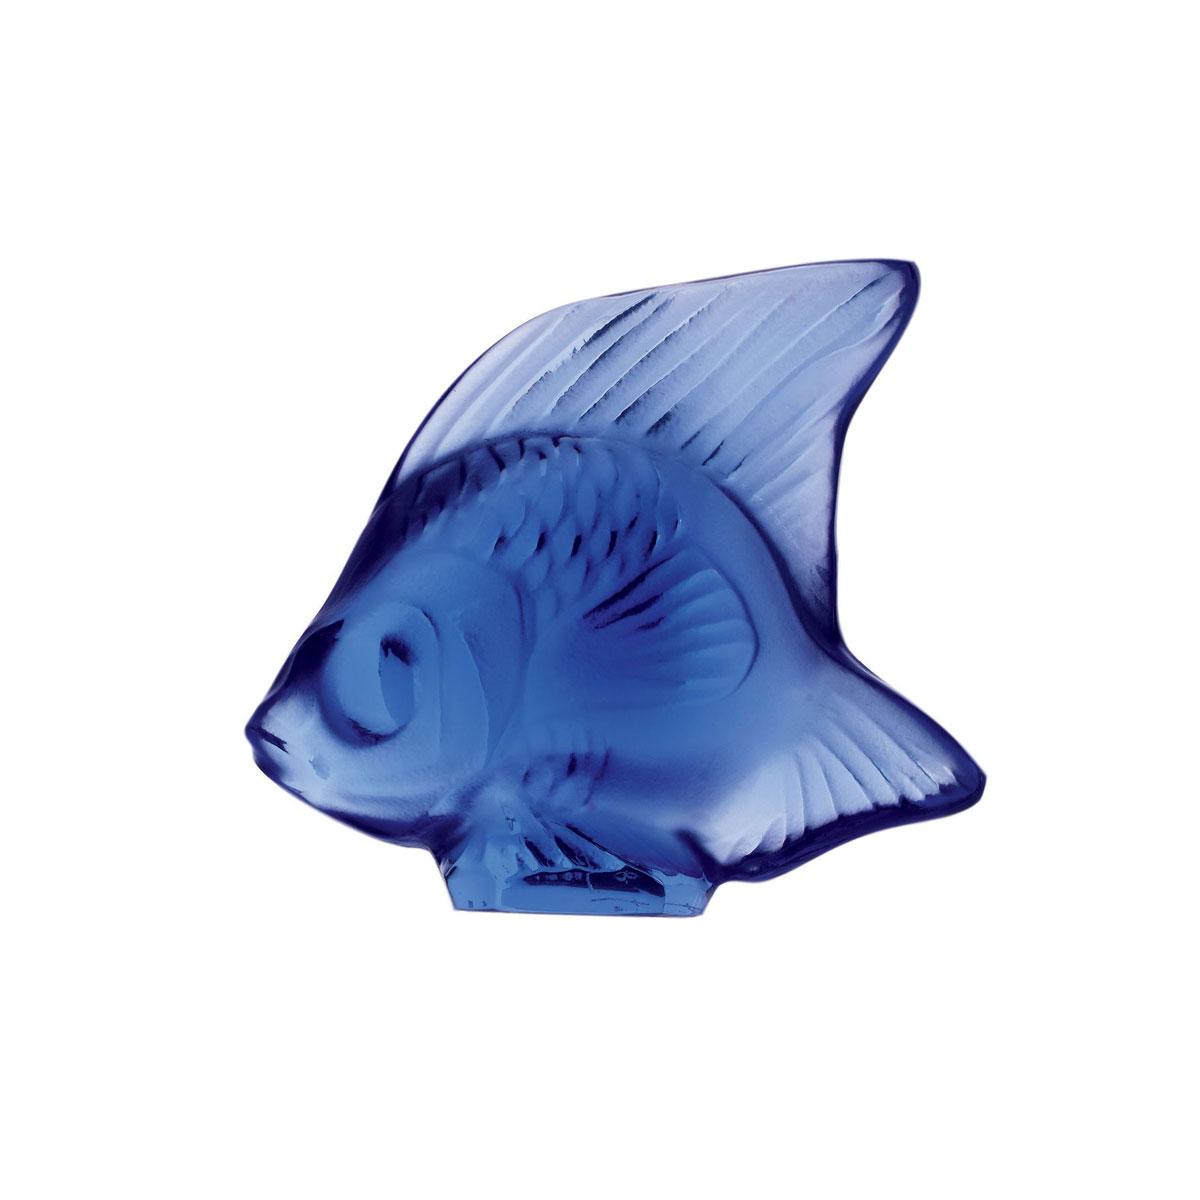 Lalique Sapphire Blue Fish Sculpture